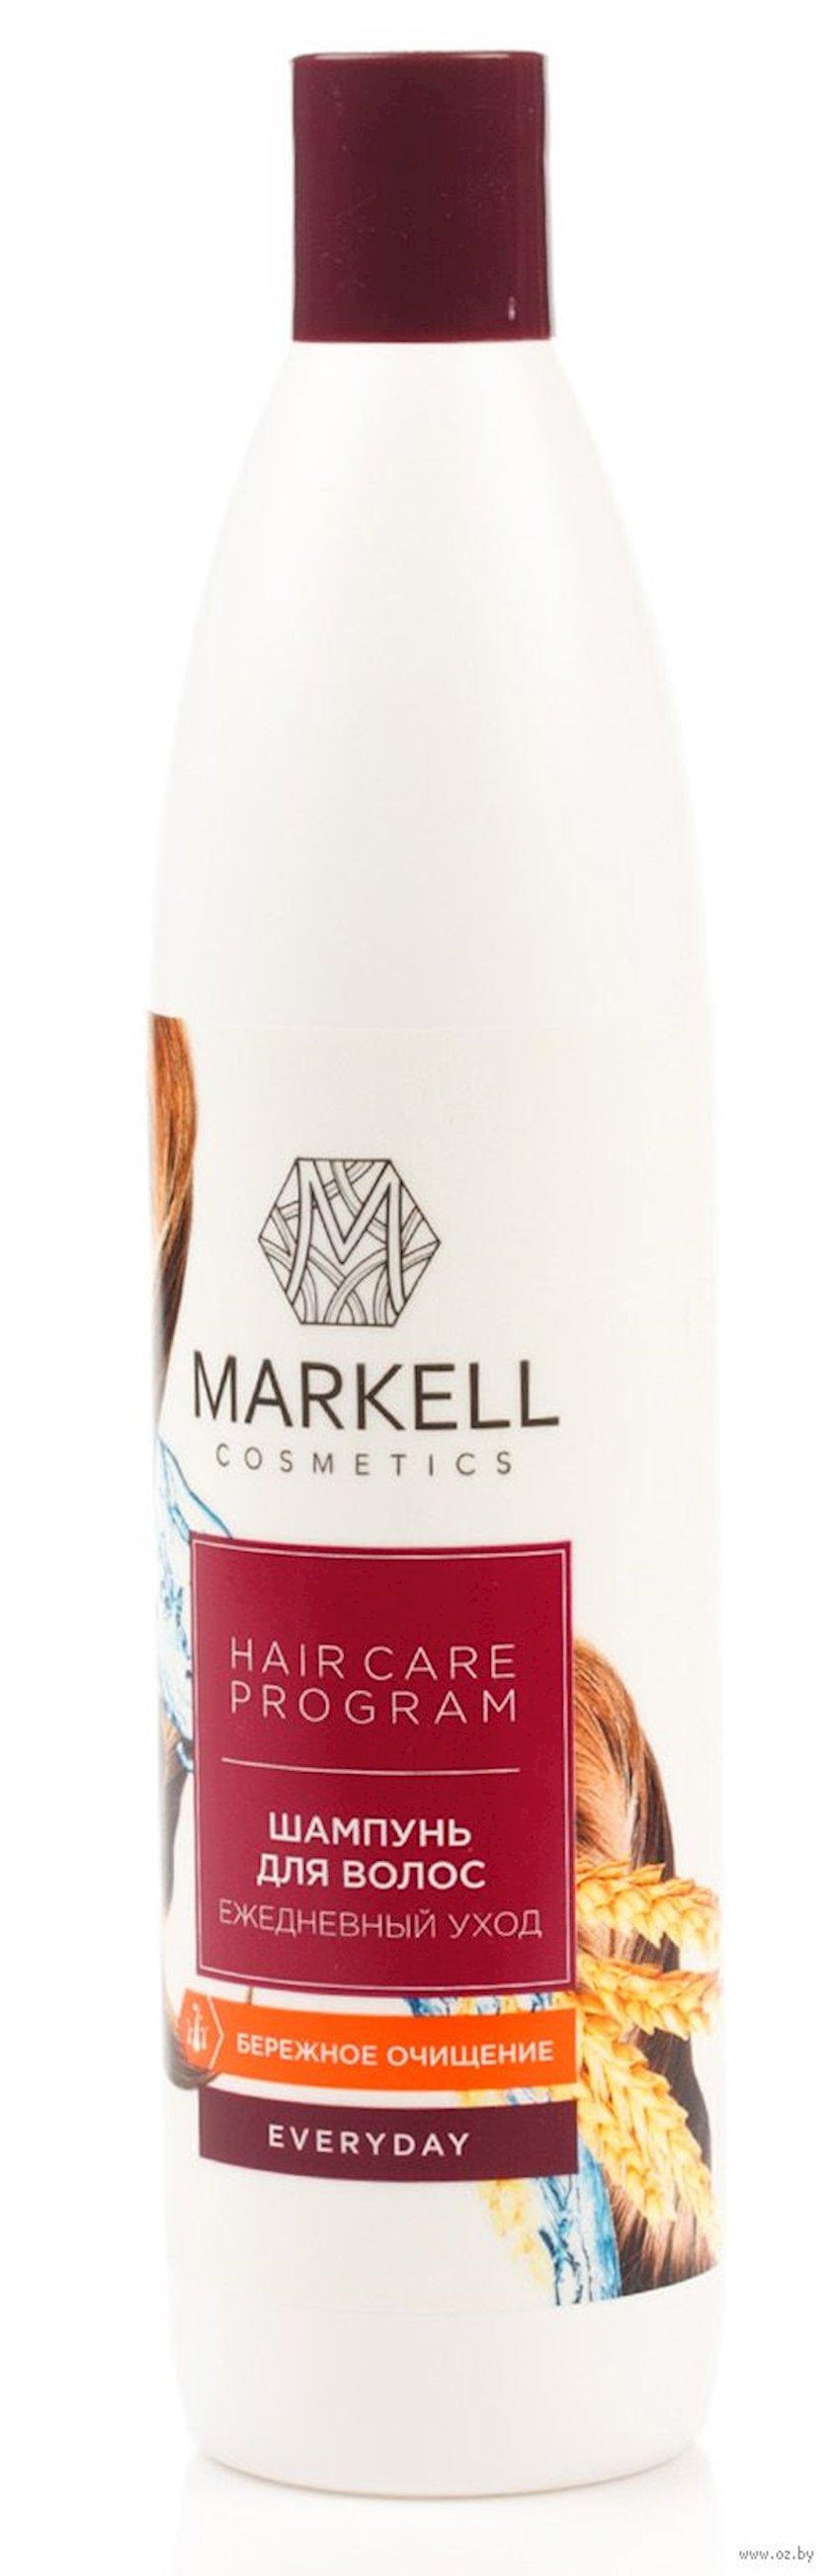 Şampun Markell Hair Care Program Gündəlik Qulluq 500 ml